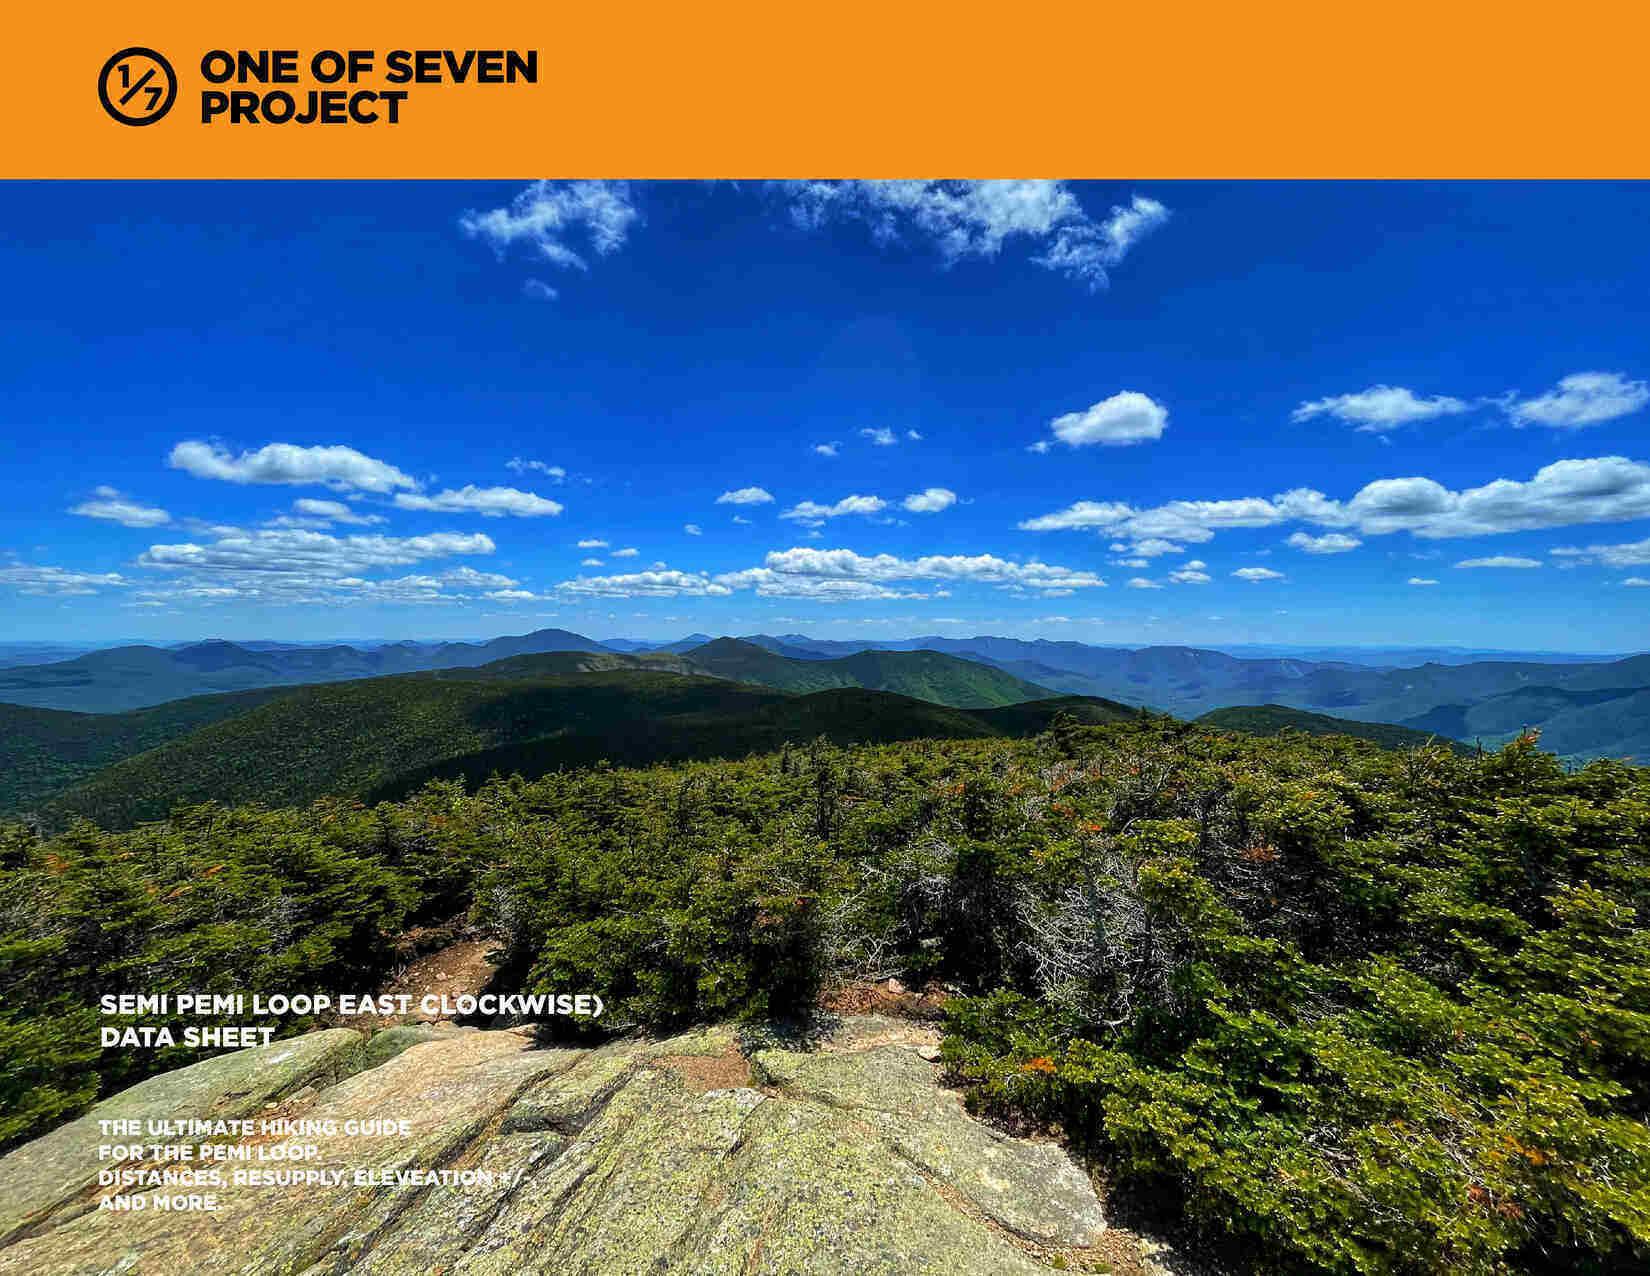 Semi Pemi East (clockwise) Data Sheet cover photo hiking NH guide